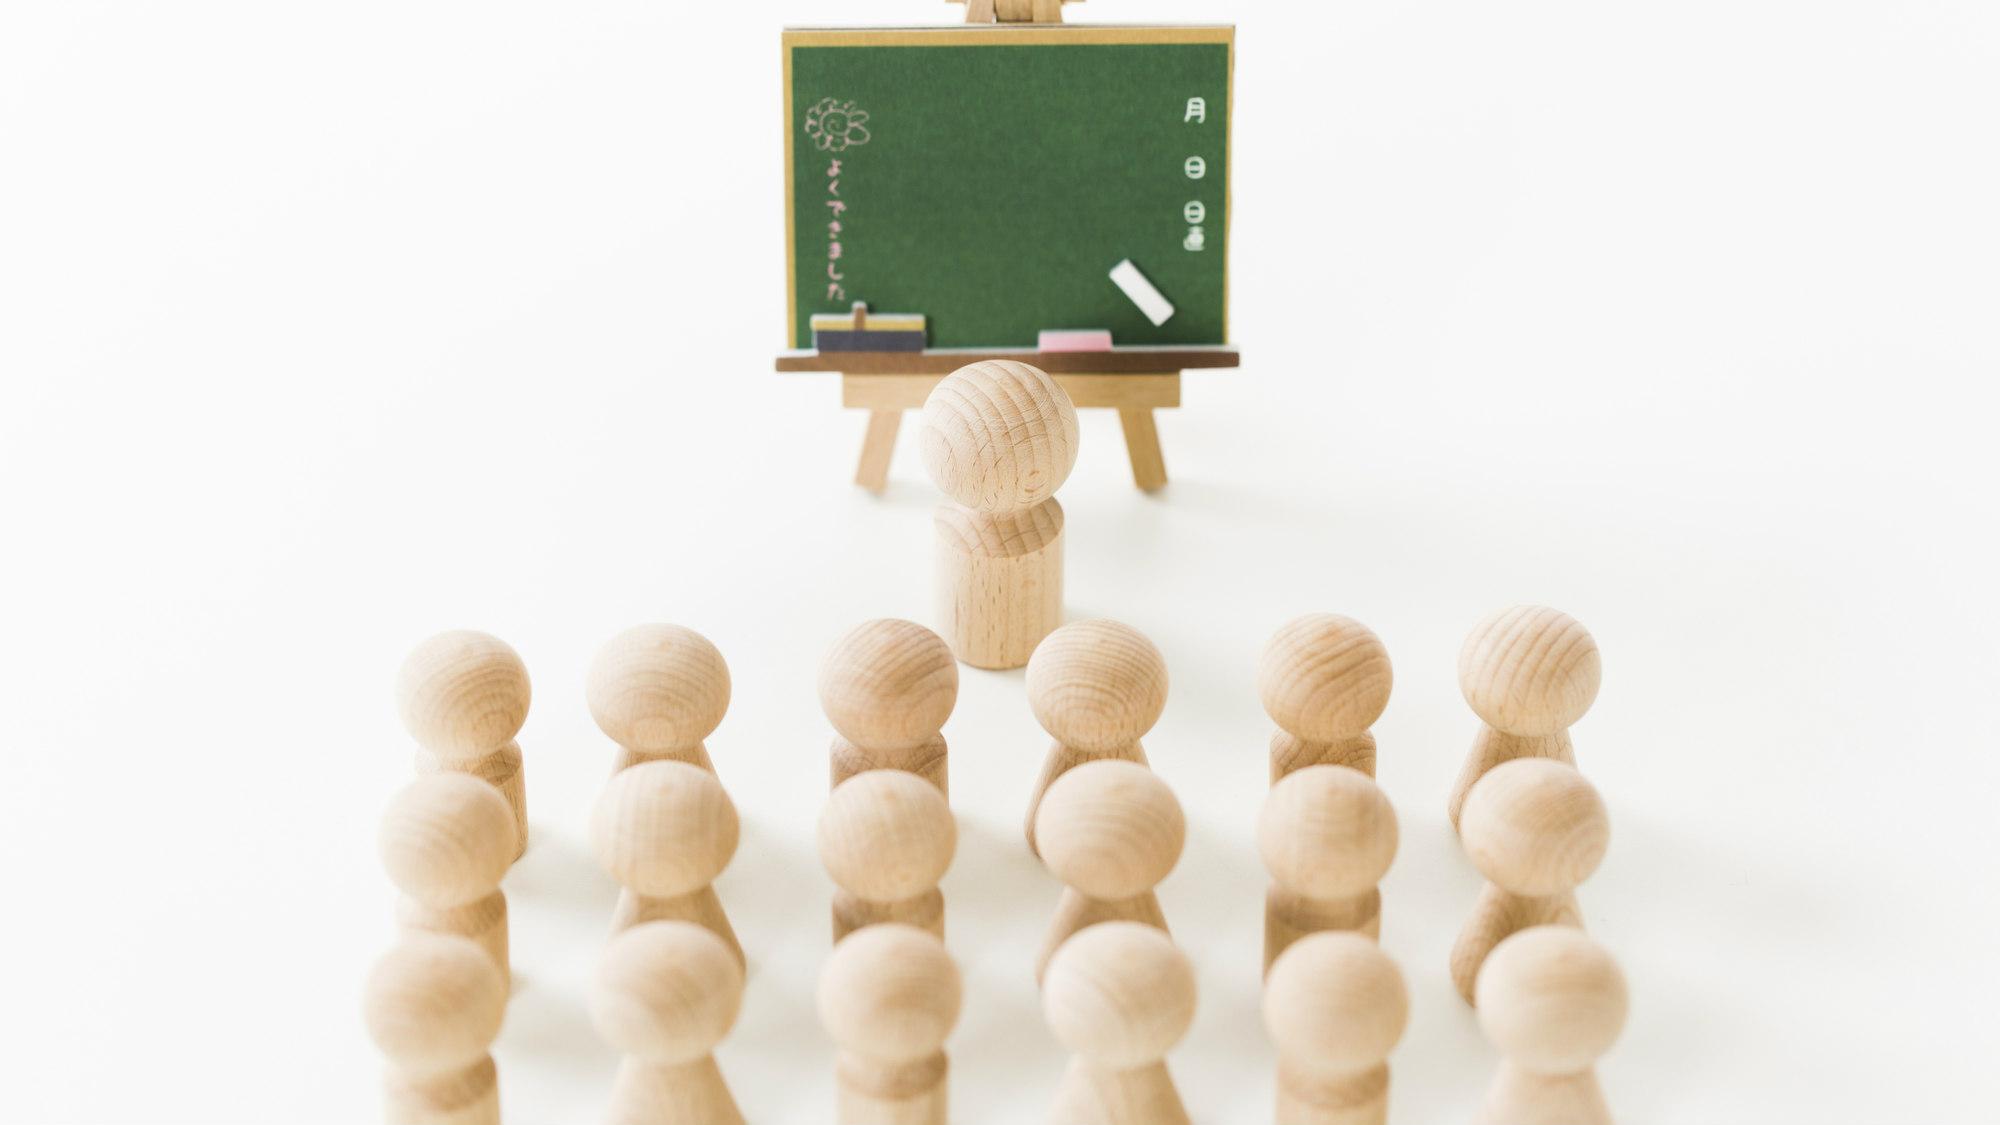 全国の中学校で「教科書をなぞるだけの授業」が行われる理由